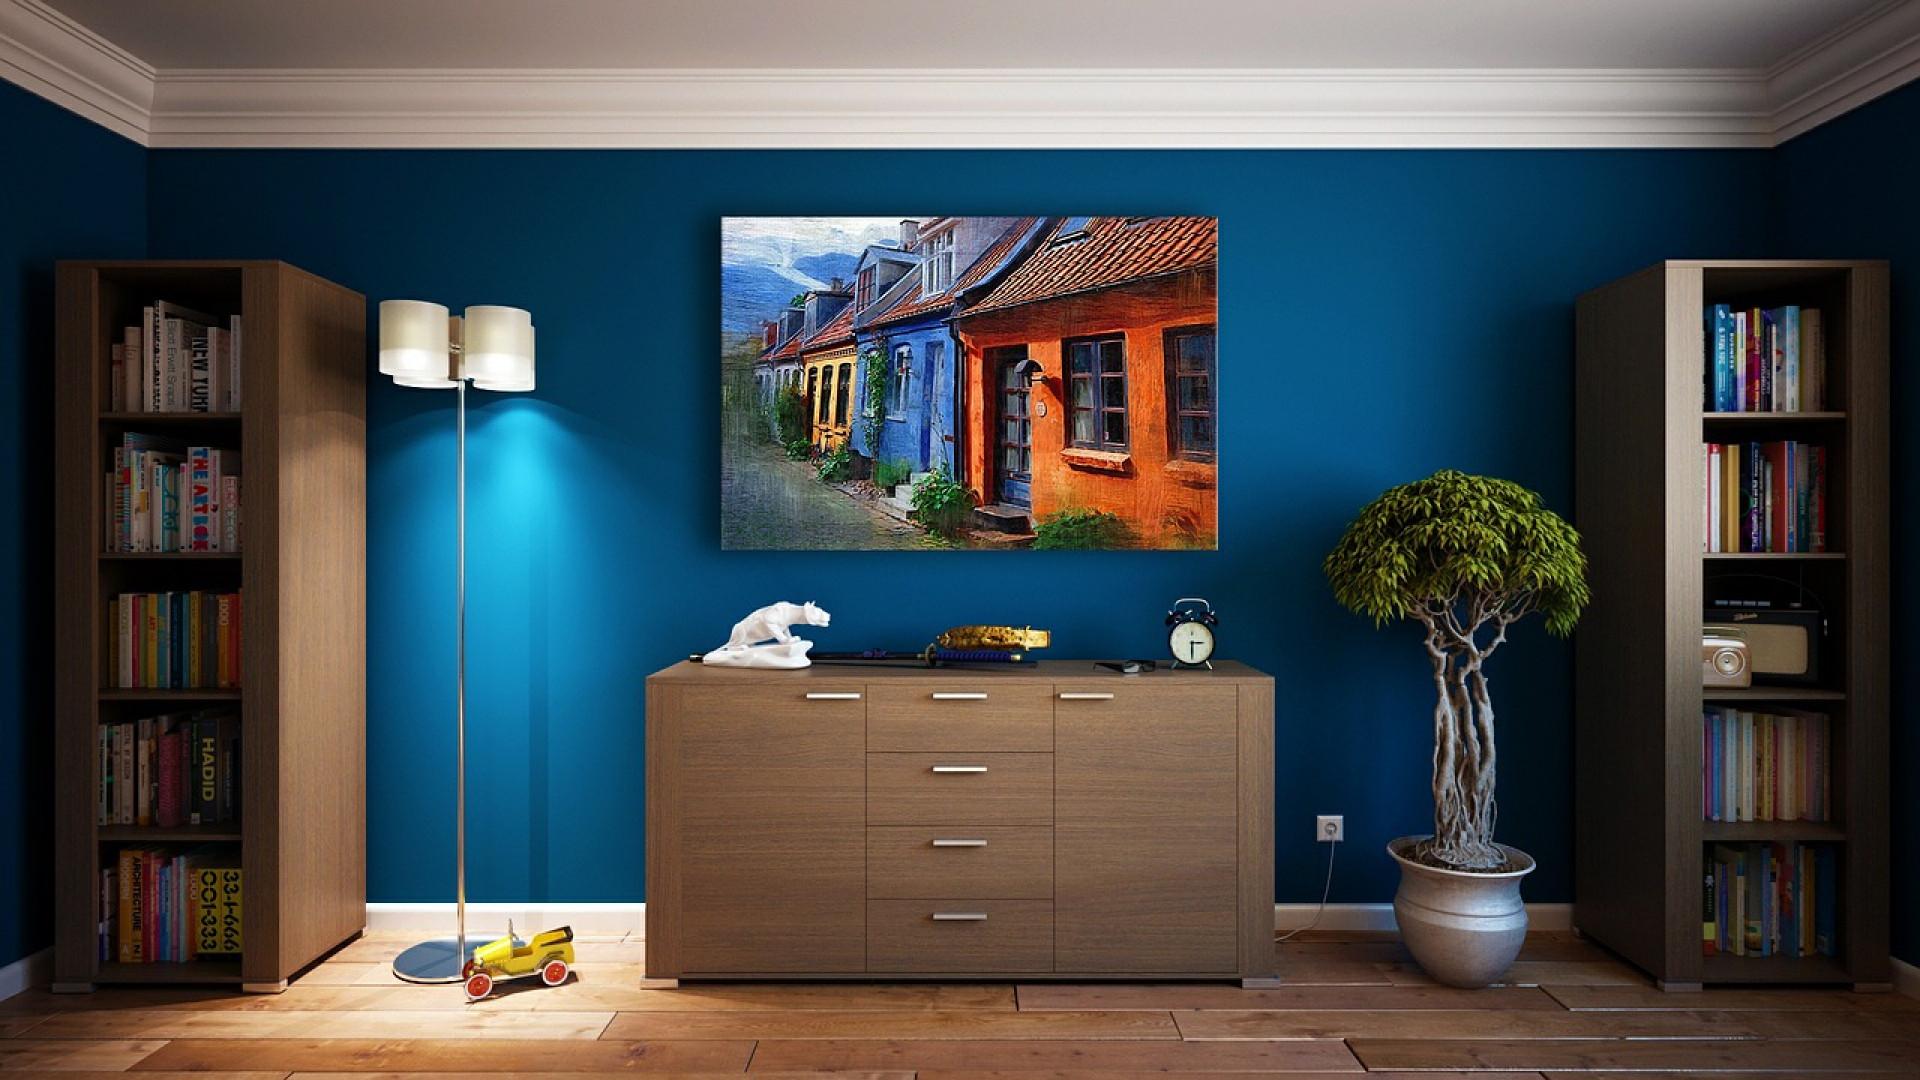 Comment bien choisir son meuble tv ?